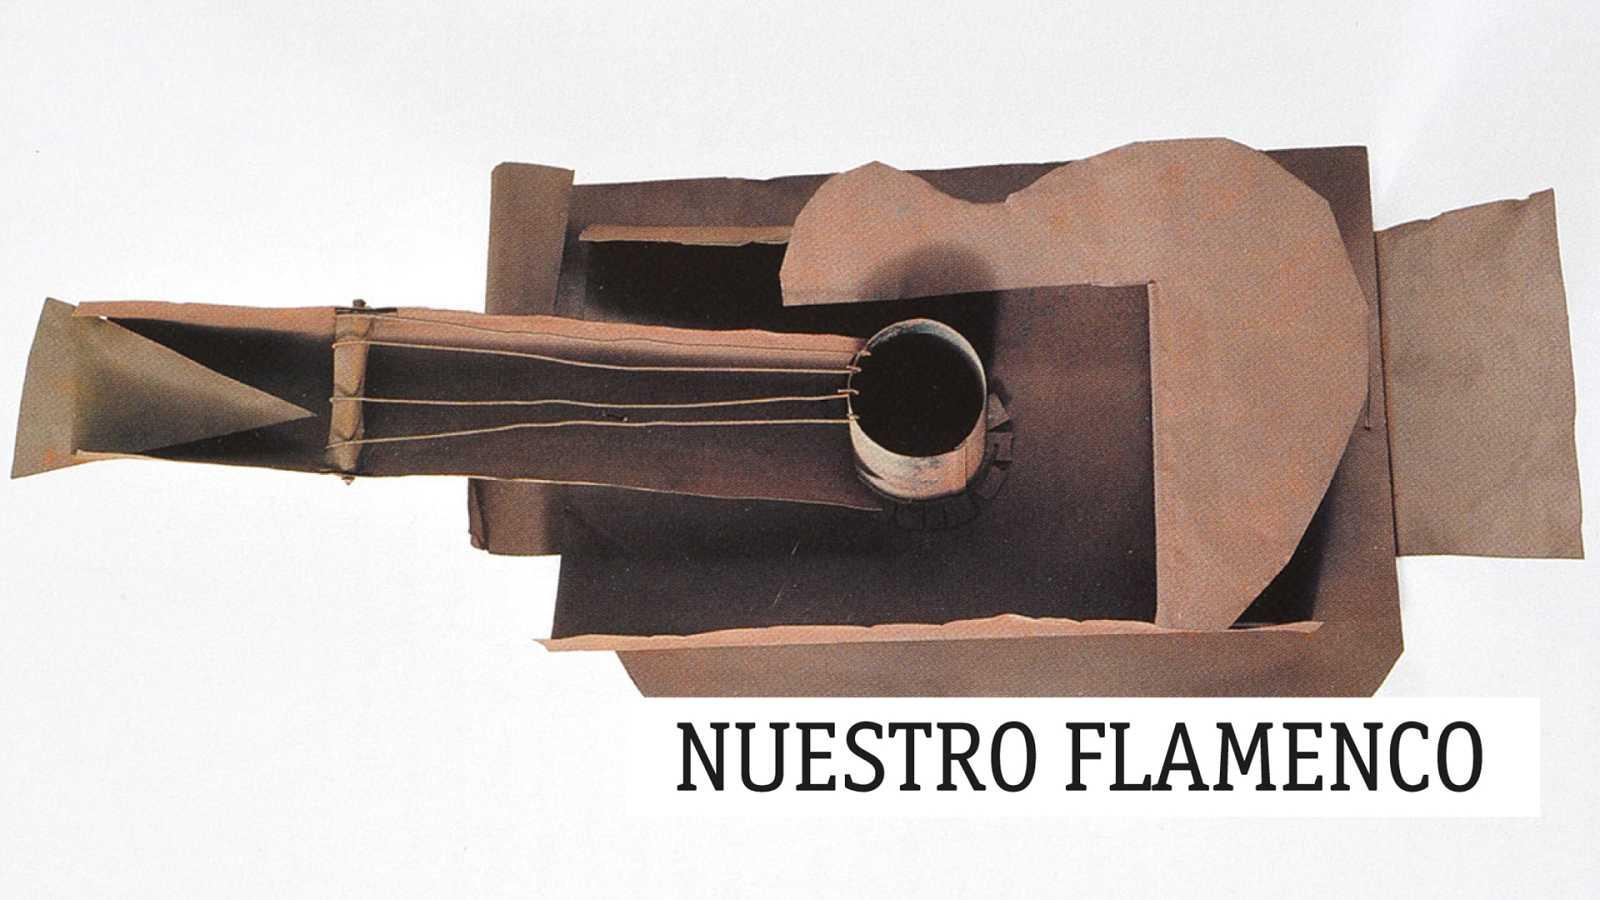 Nuestro Flamenco - Primer disco de Antonio Ortega - 29/12/20 - escuchar ahora